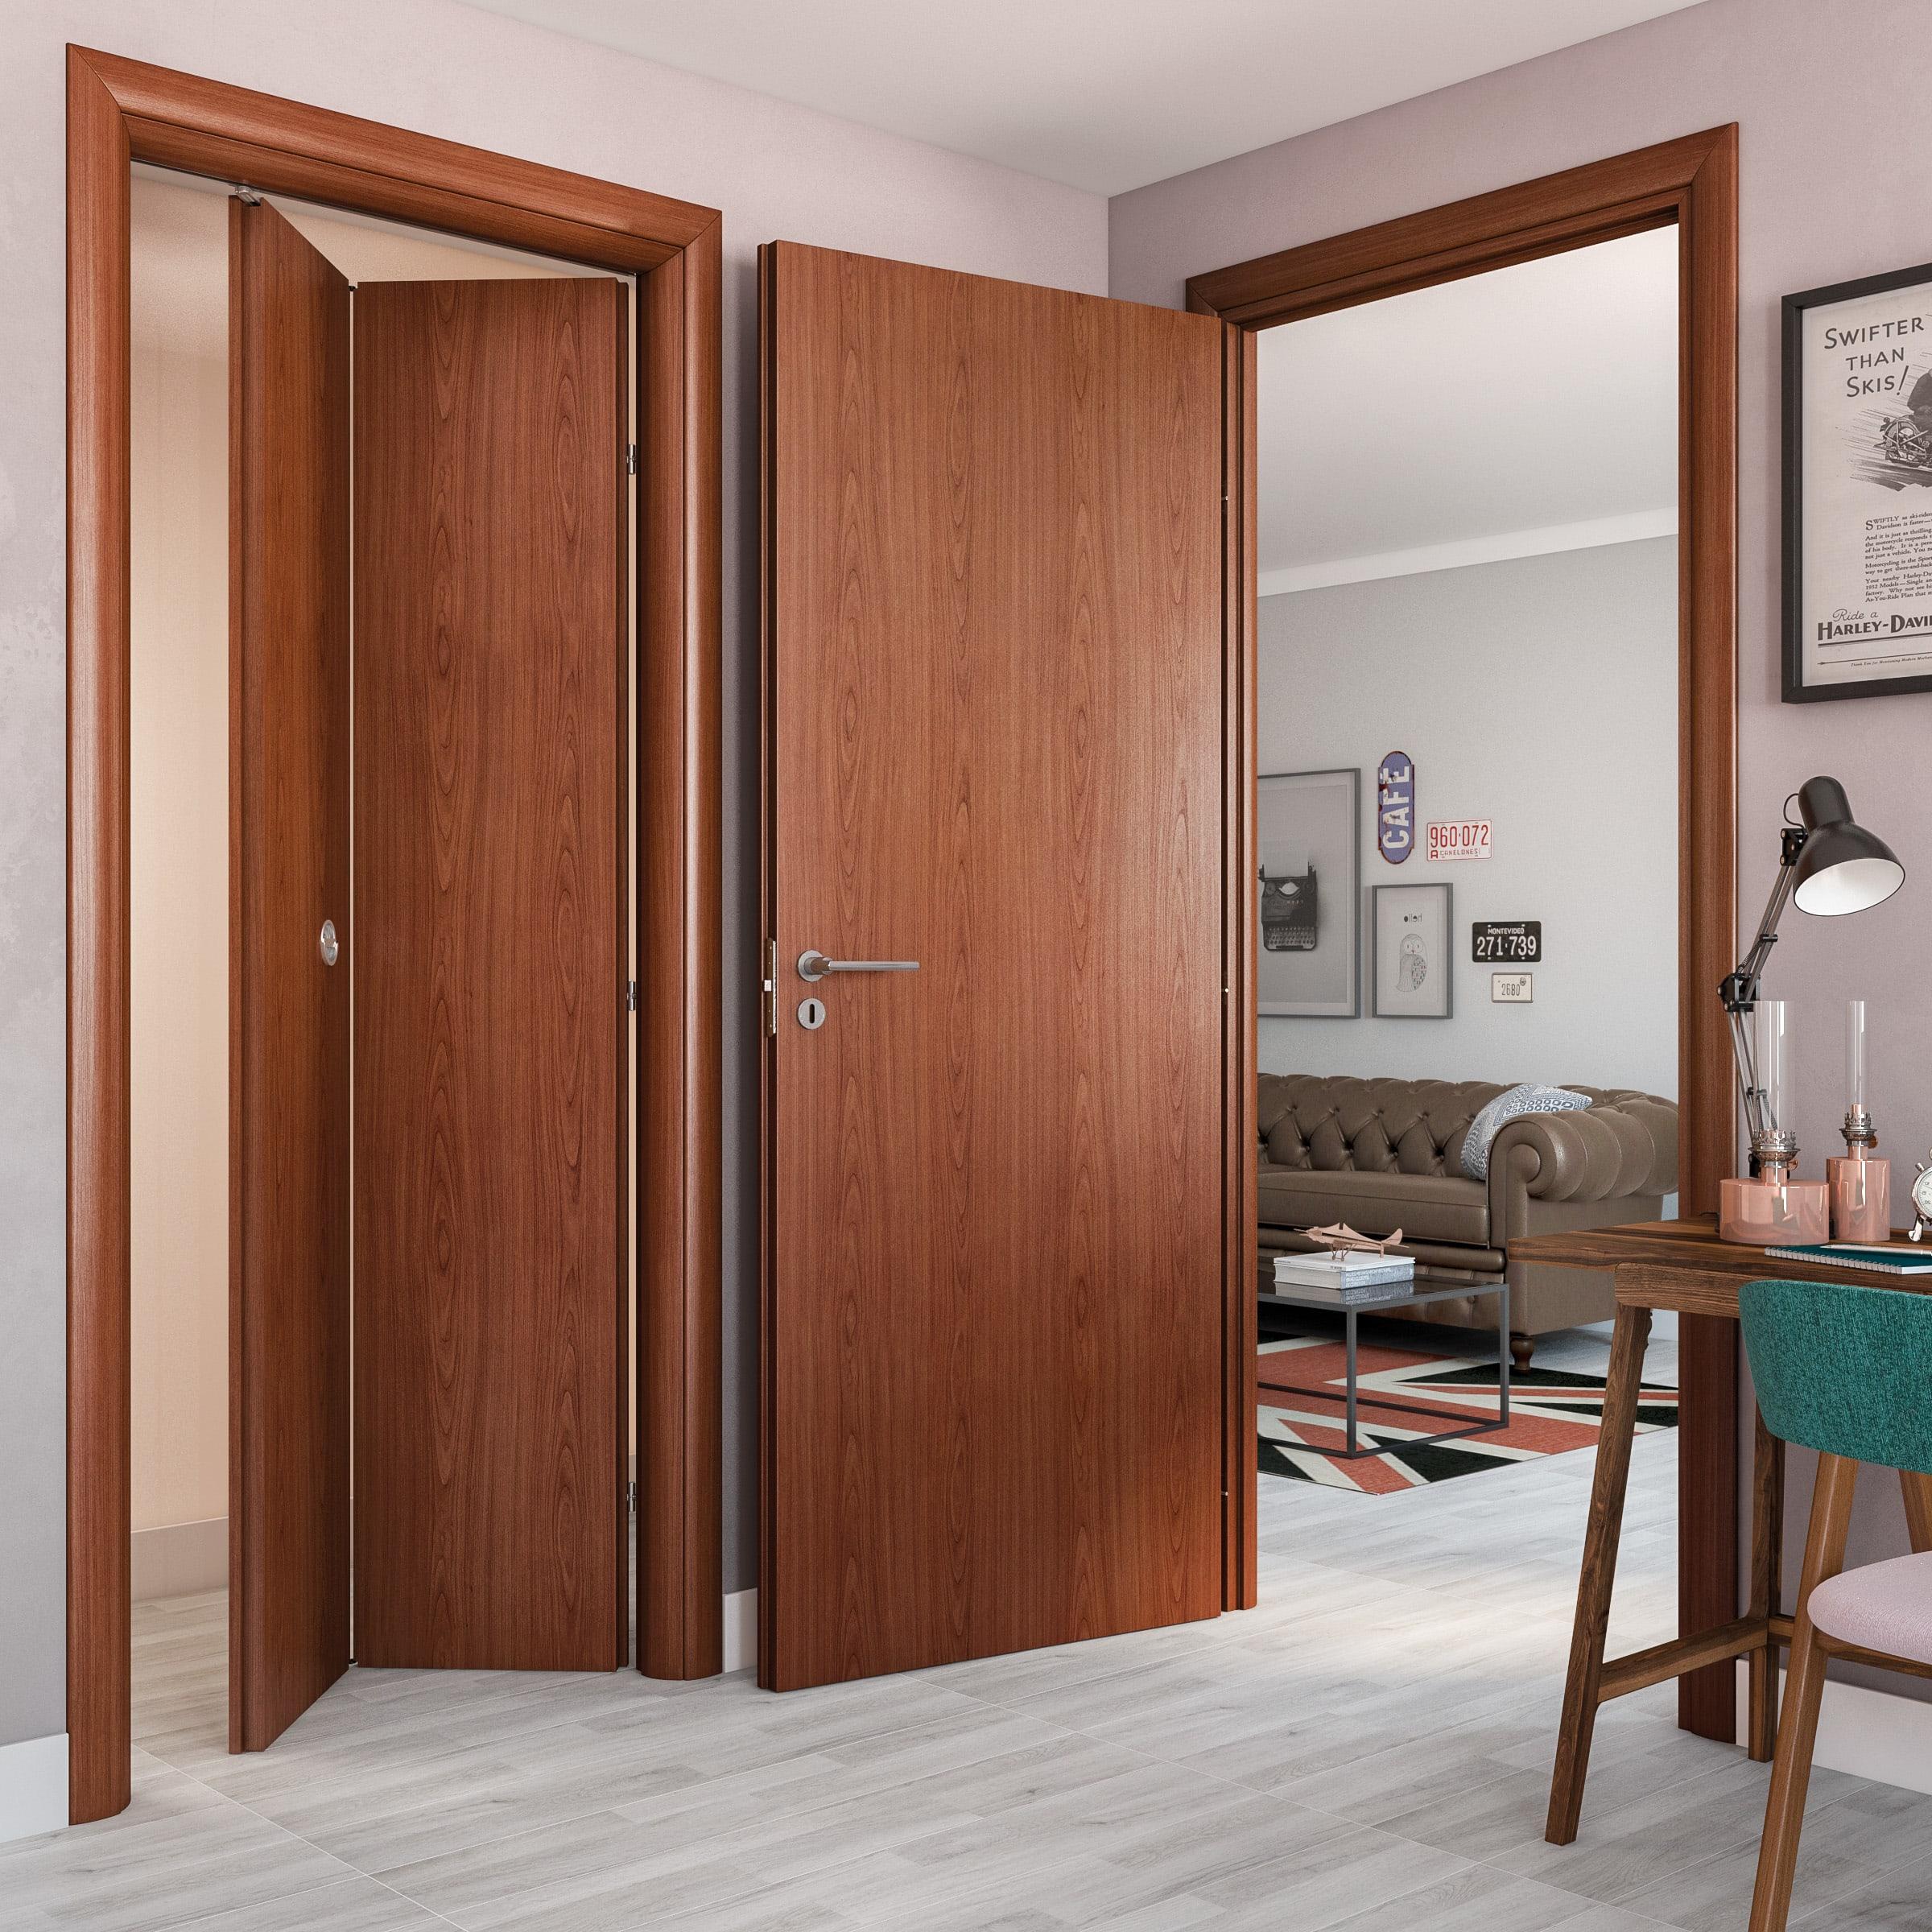 Porte Interne Color Ciliegio porta a battente rose ciliegio l 80 x h 210 cm reversibile